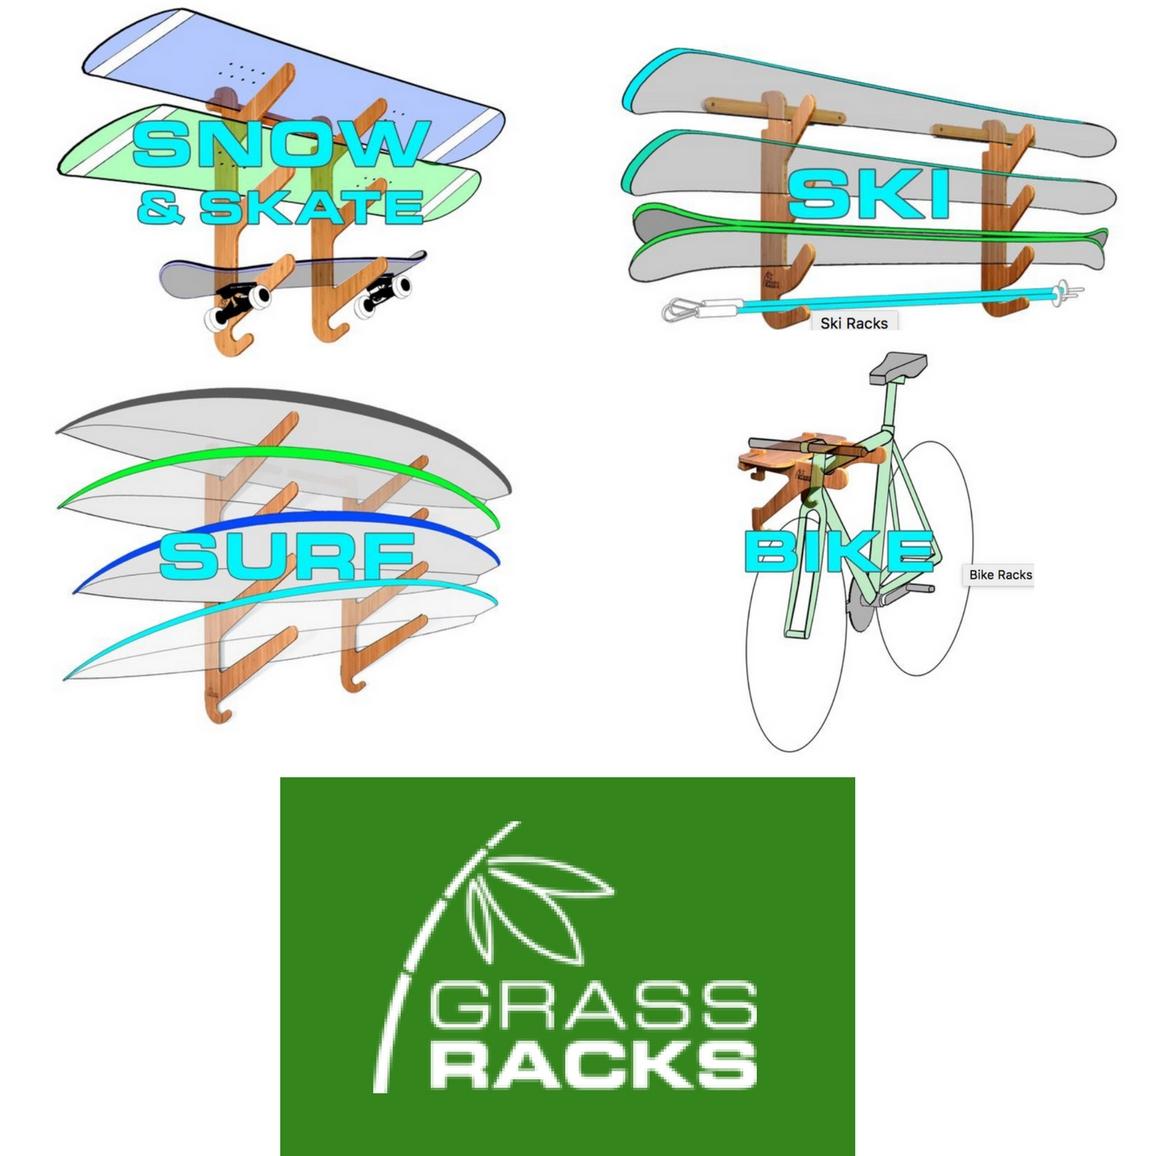 GrassRacks brand image.jpg